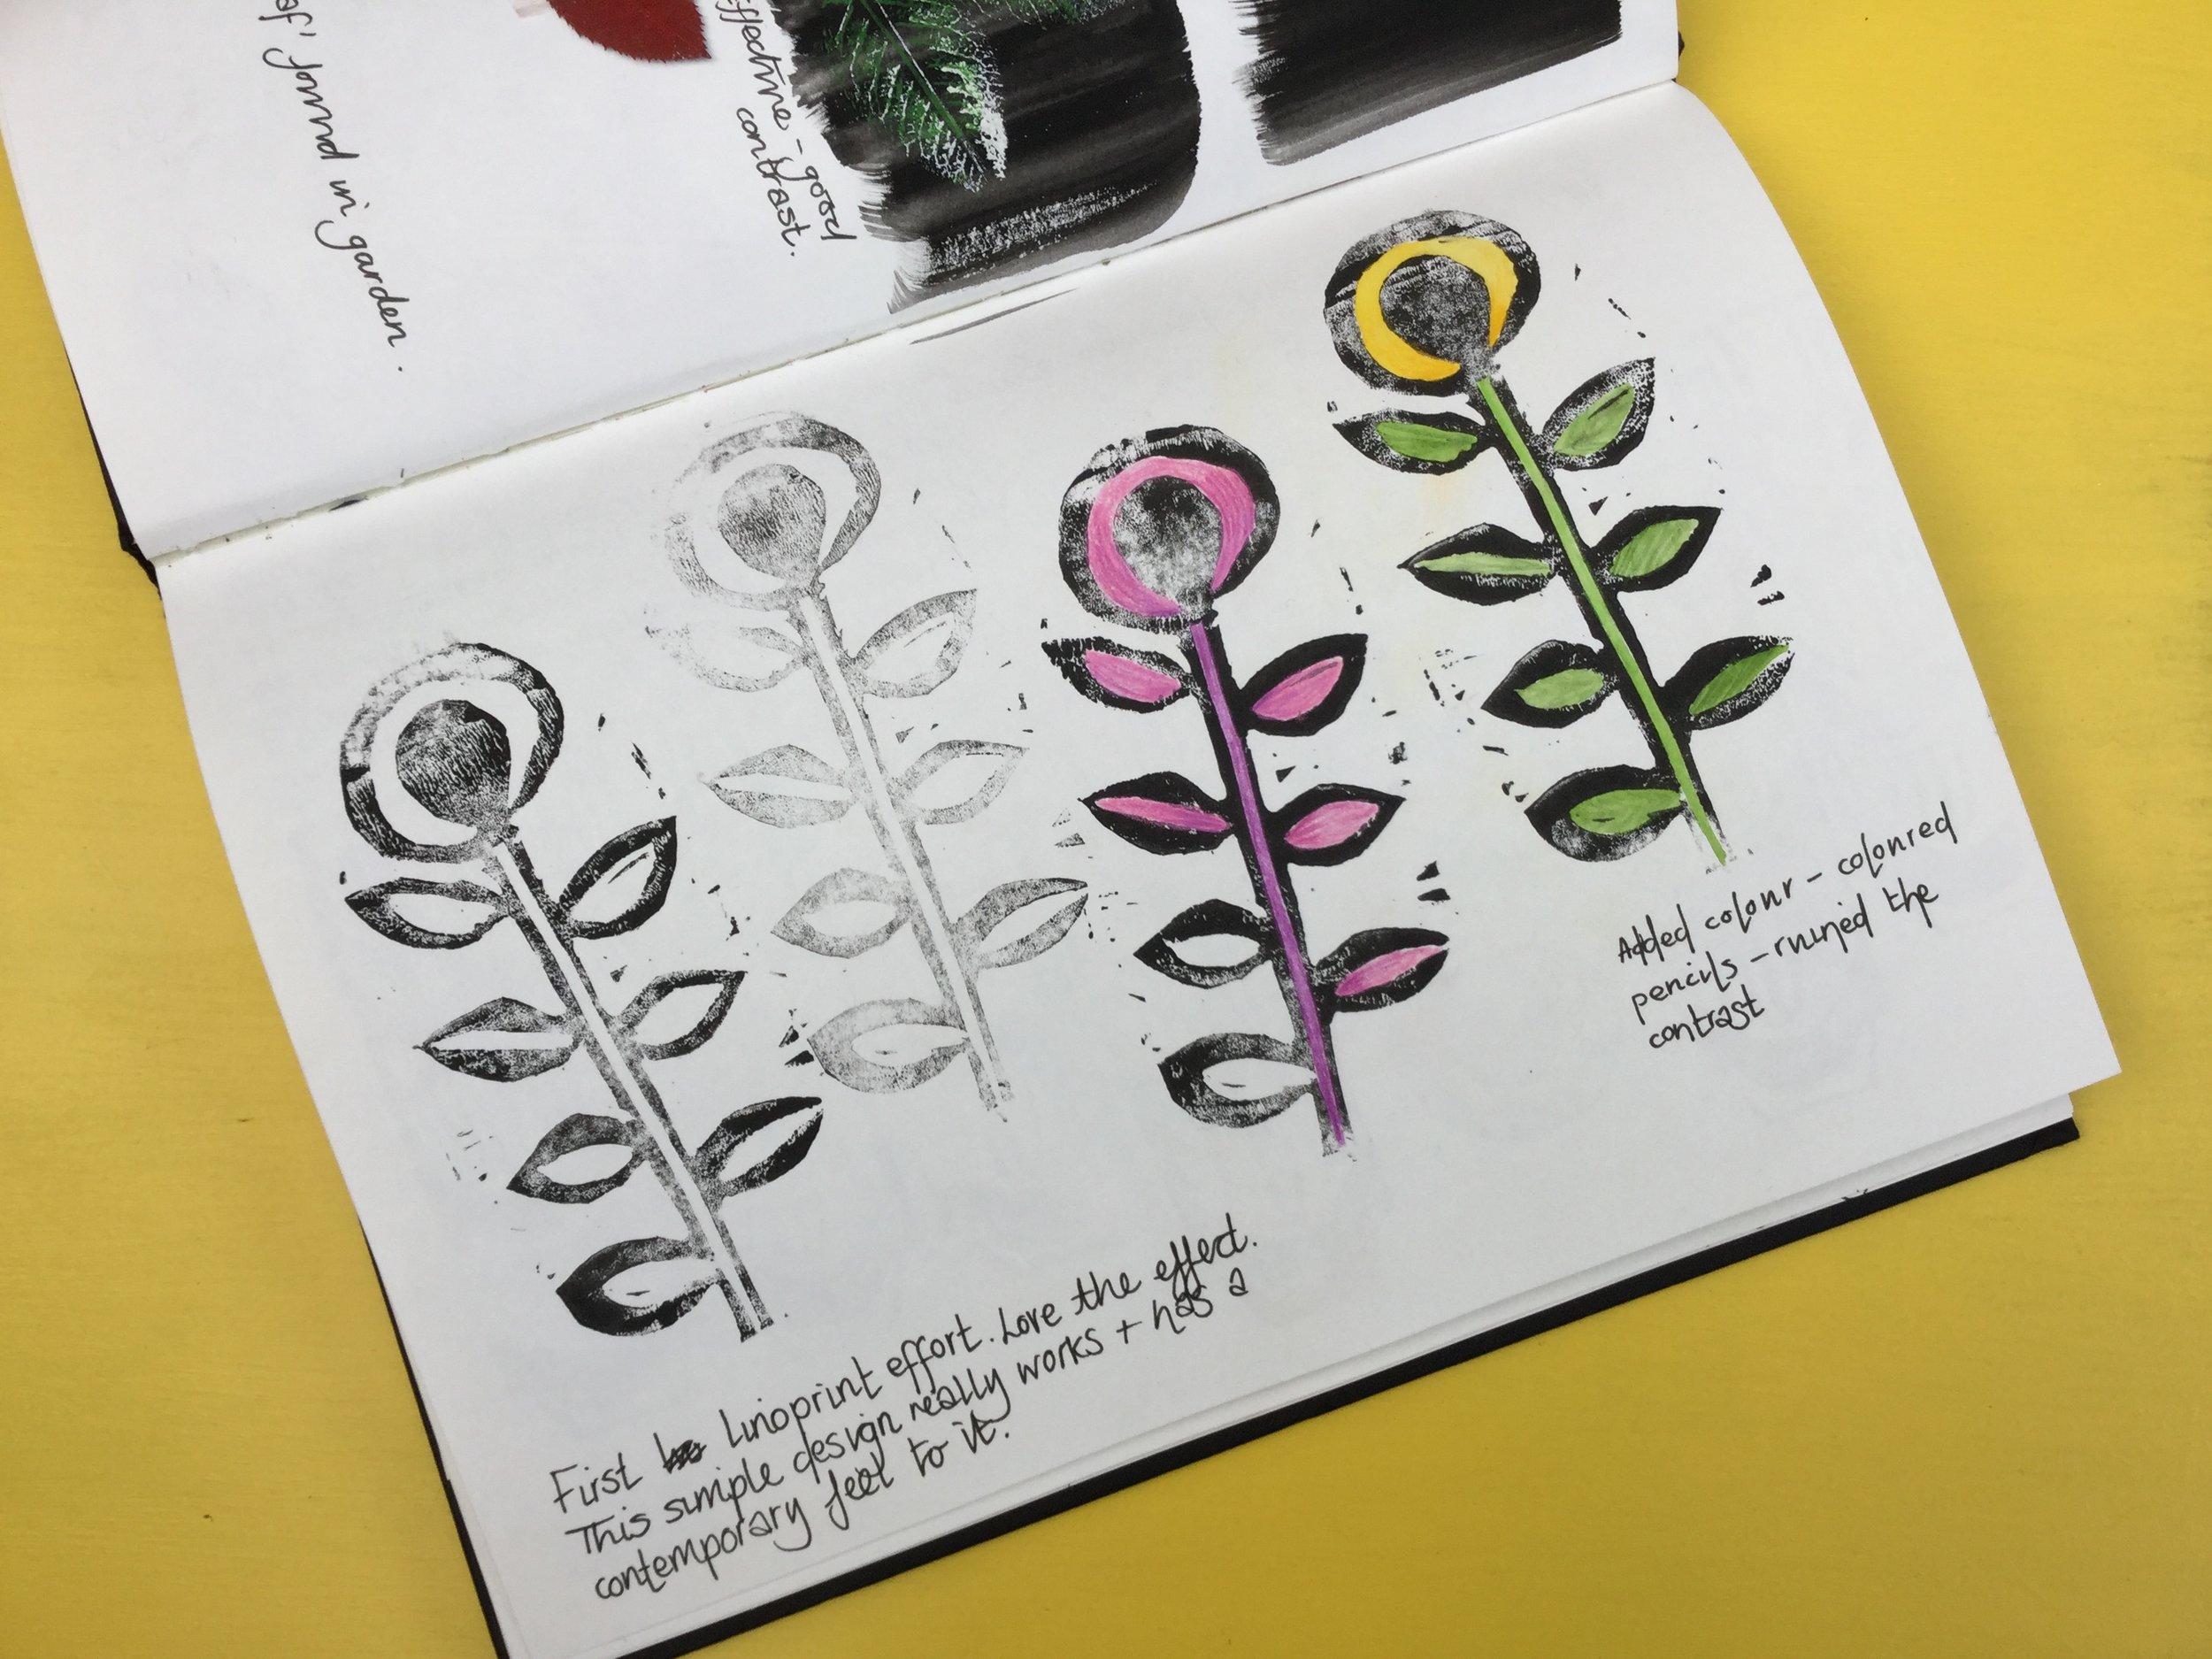 linocut sunflower.  Briony Dixon sketchbook